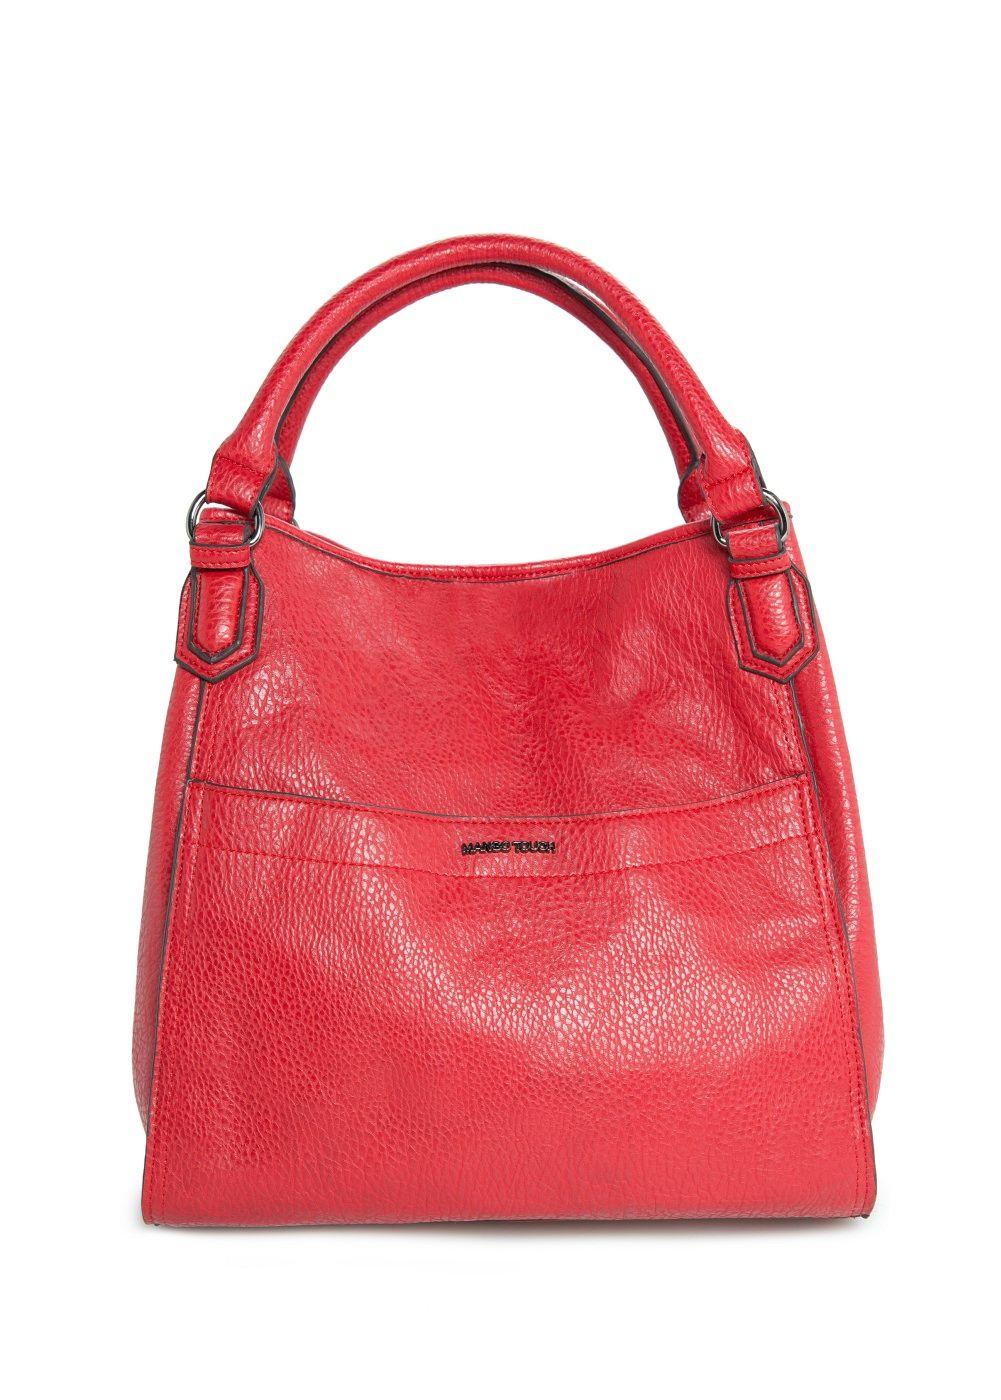 f006713269 Sac épaule effet grainé - Femme | Woman's fashion * Style pour femme ...